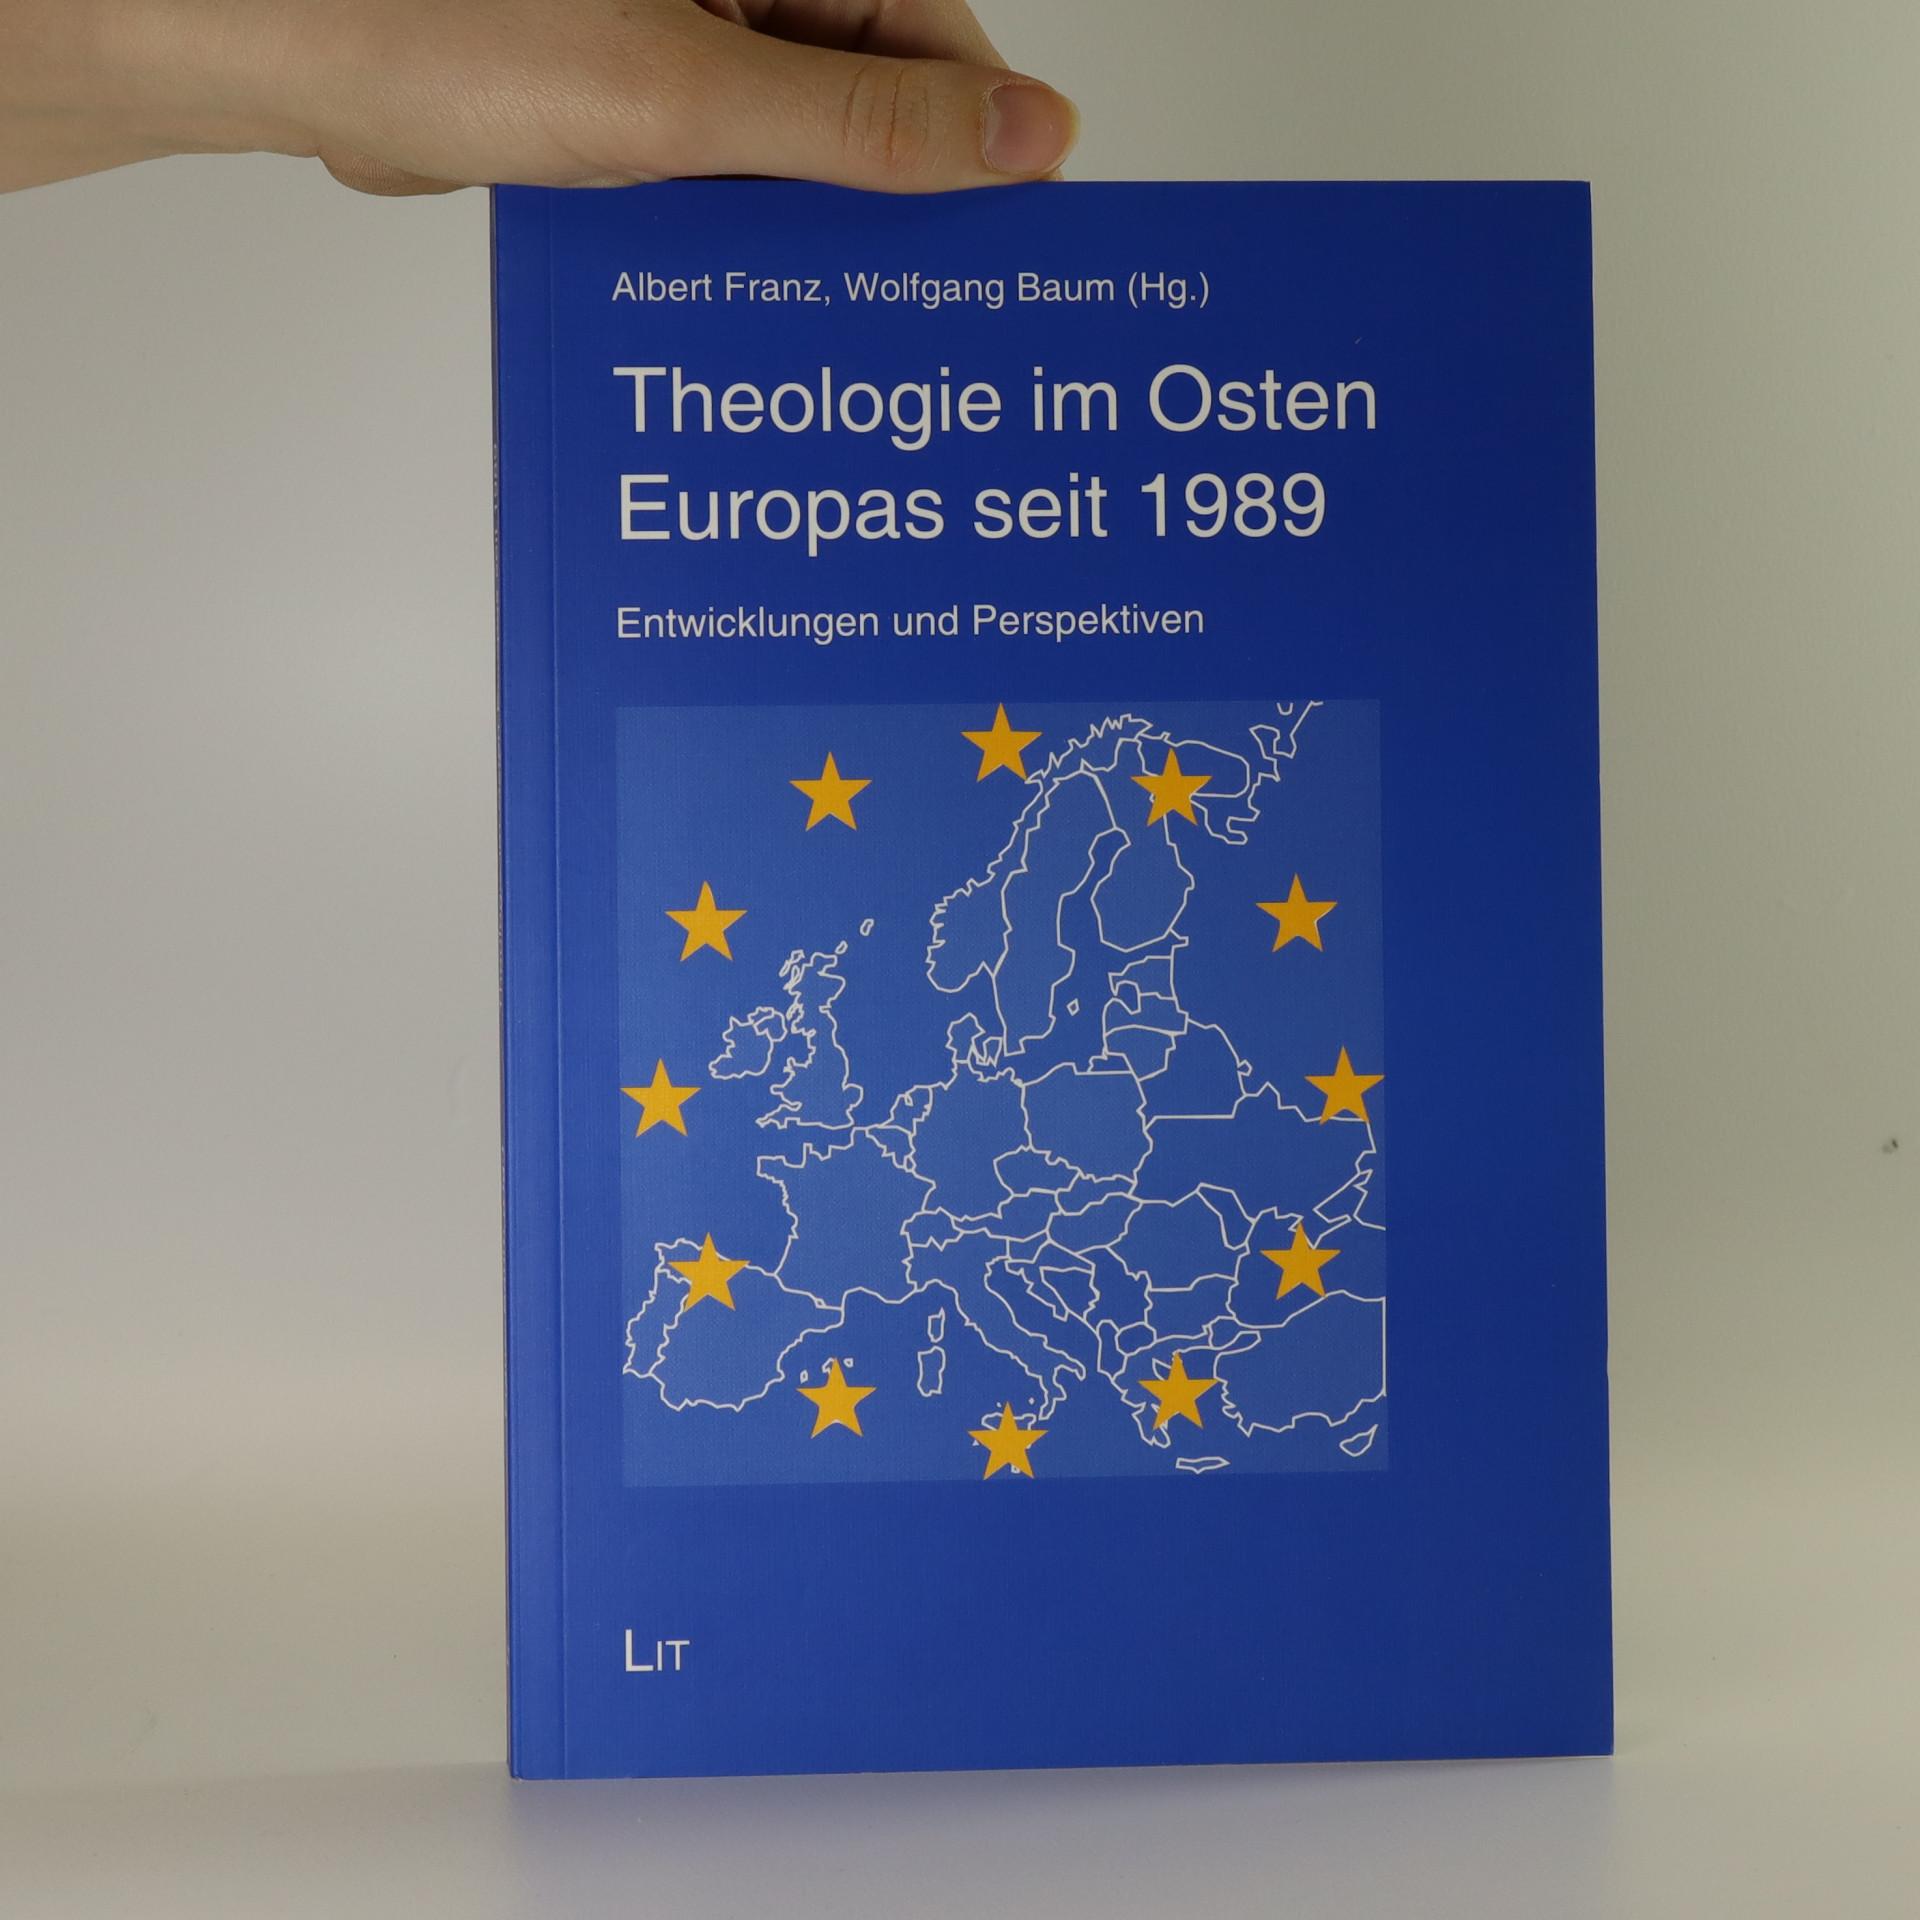 antikvární kniha Theologie im Osten Europas seit 1989, neuveden